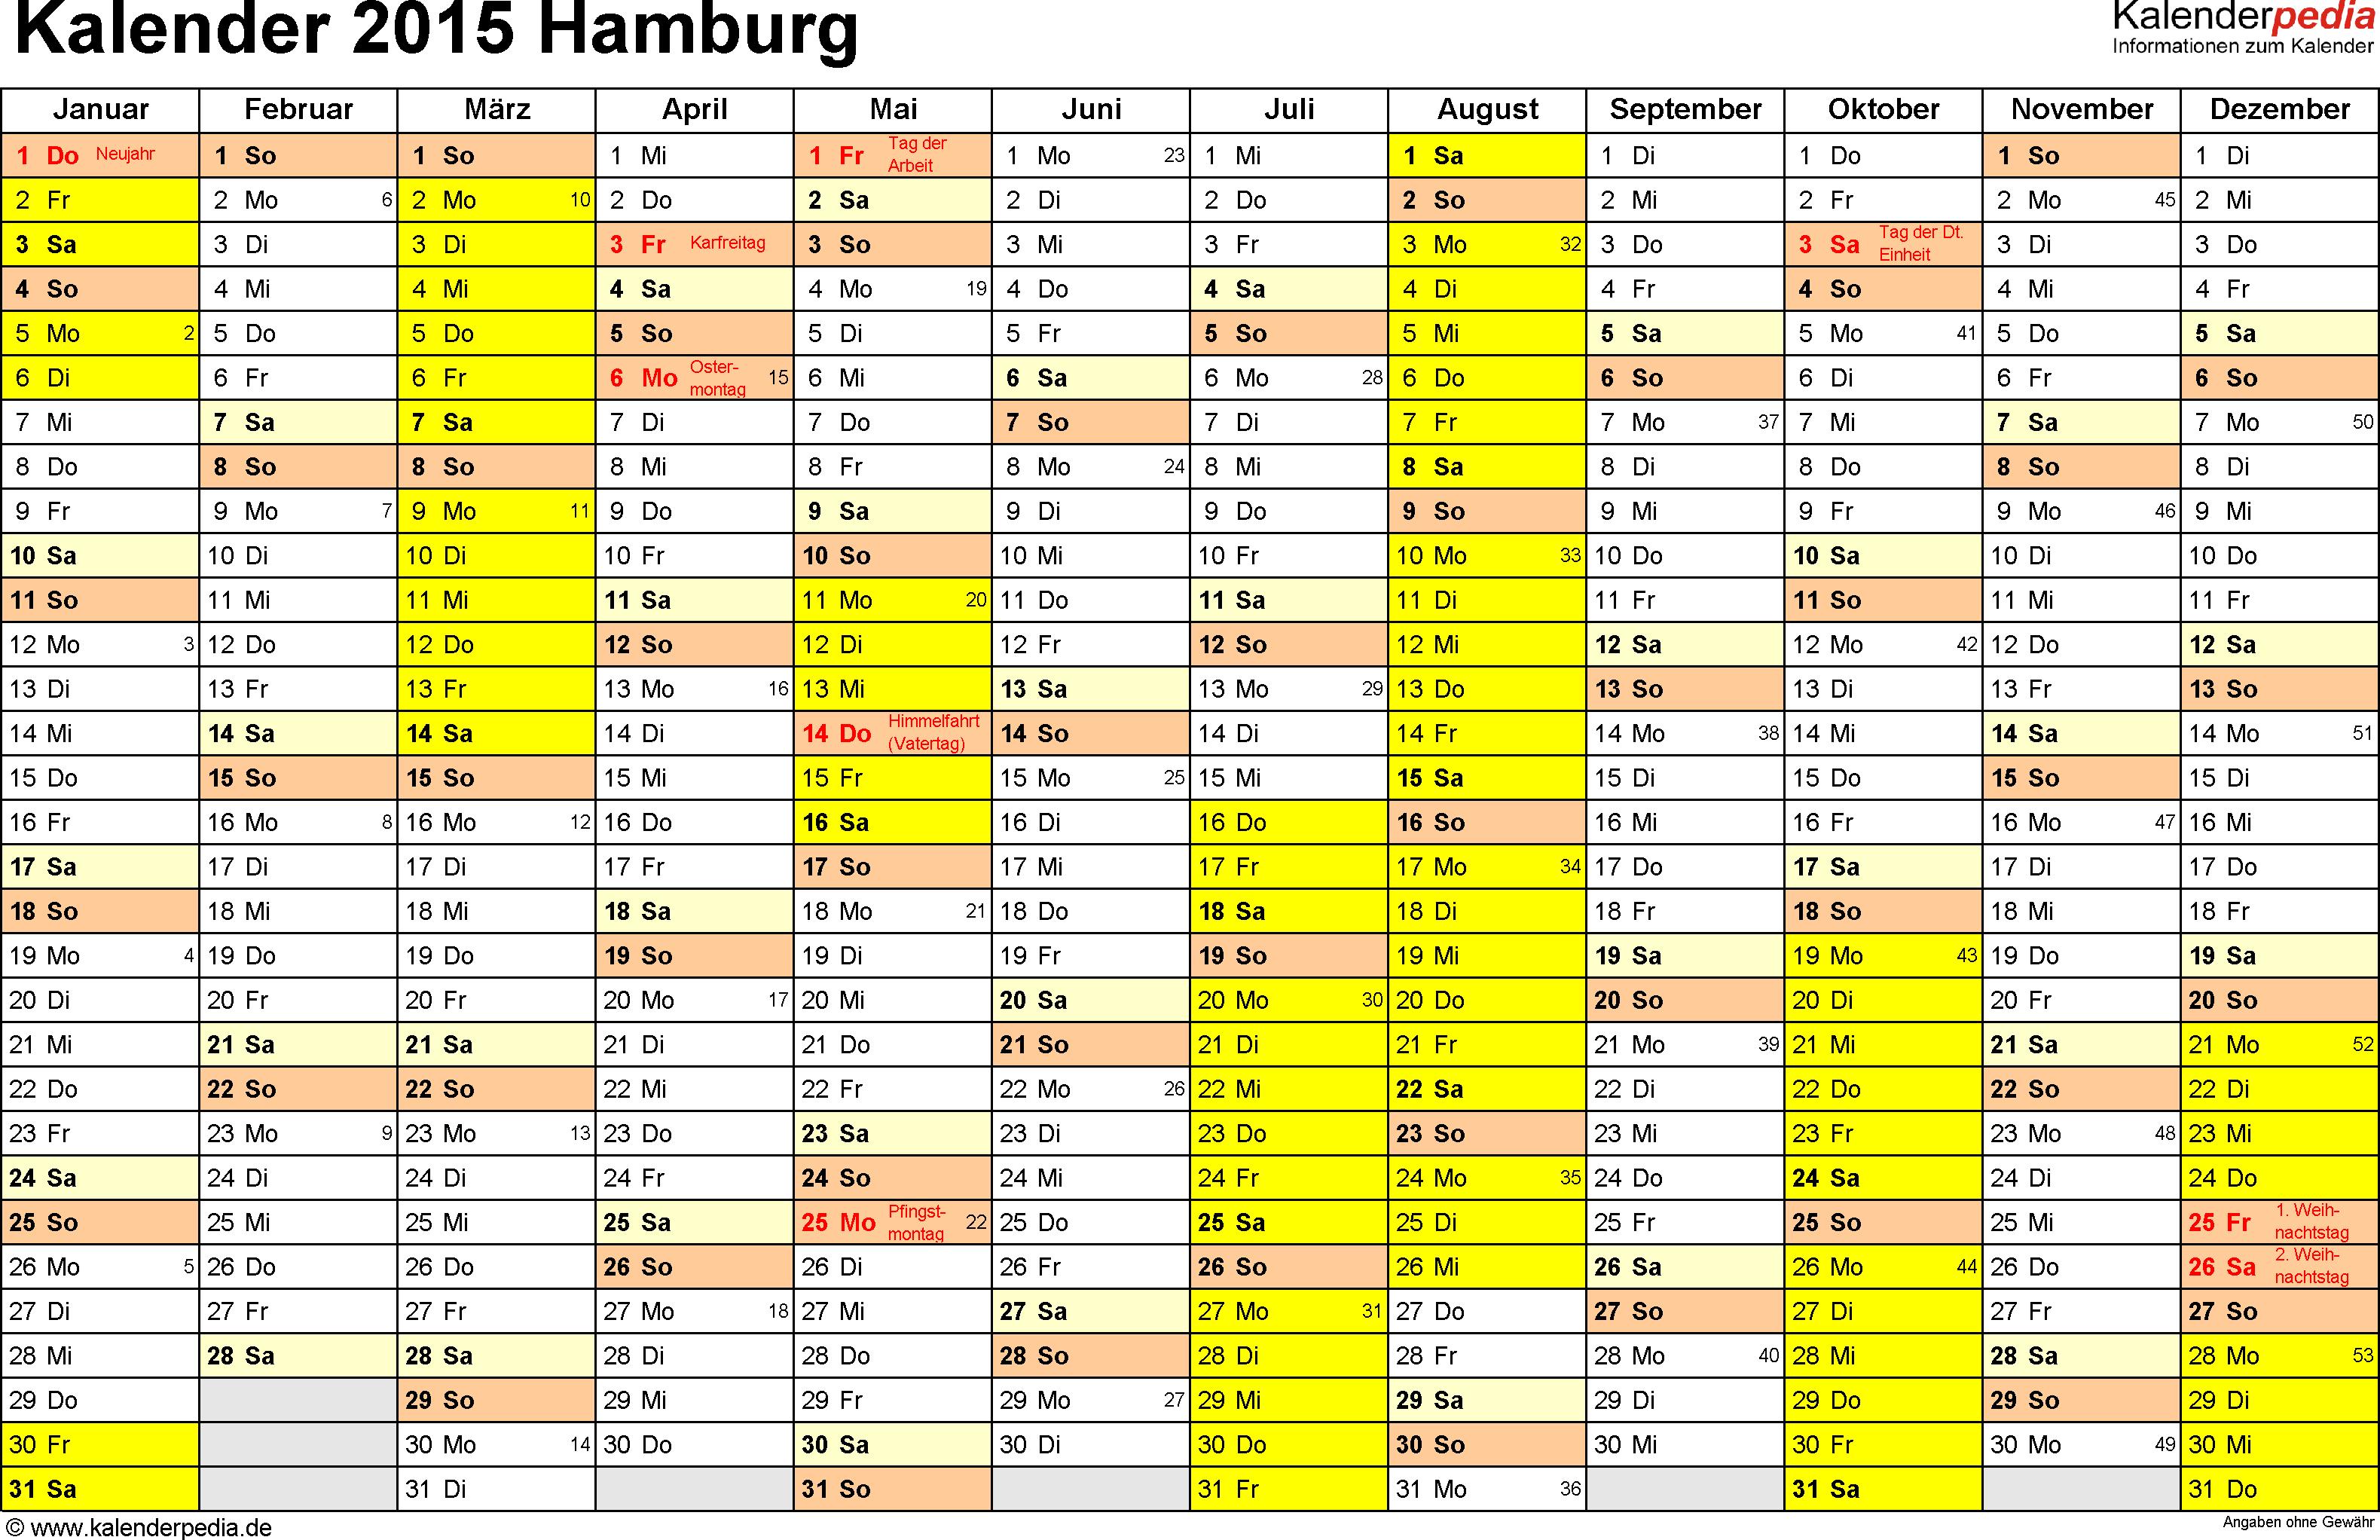 Vorlage 1: Kalender 2015 für Hamburg als Excel-Vorlage (Querformat, 1 Seite)